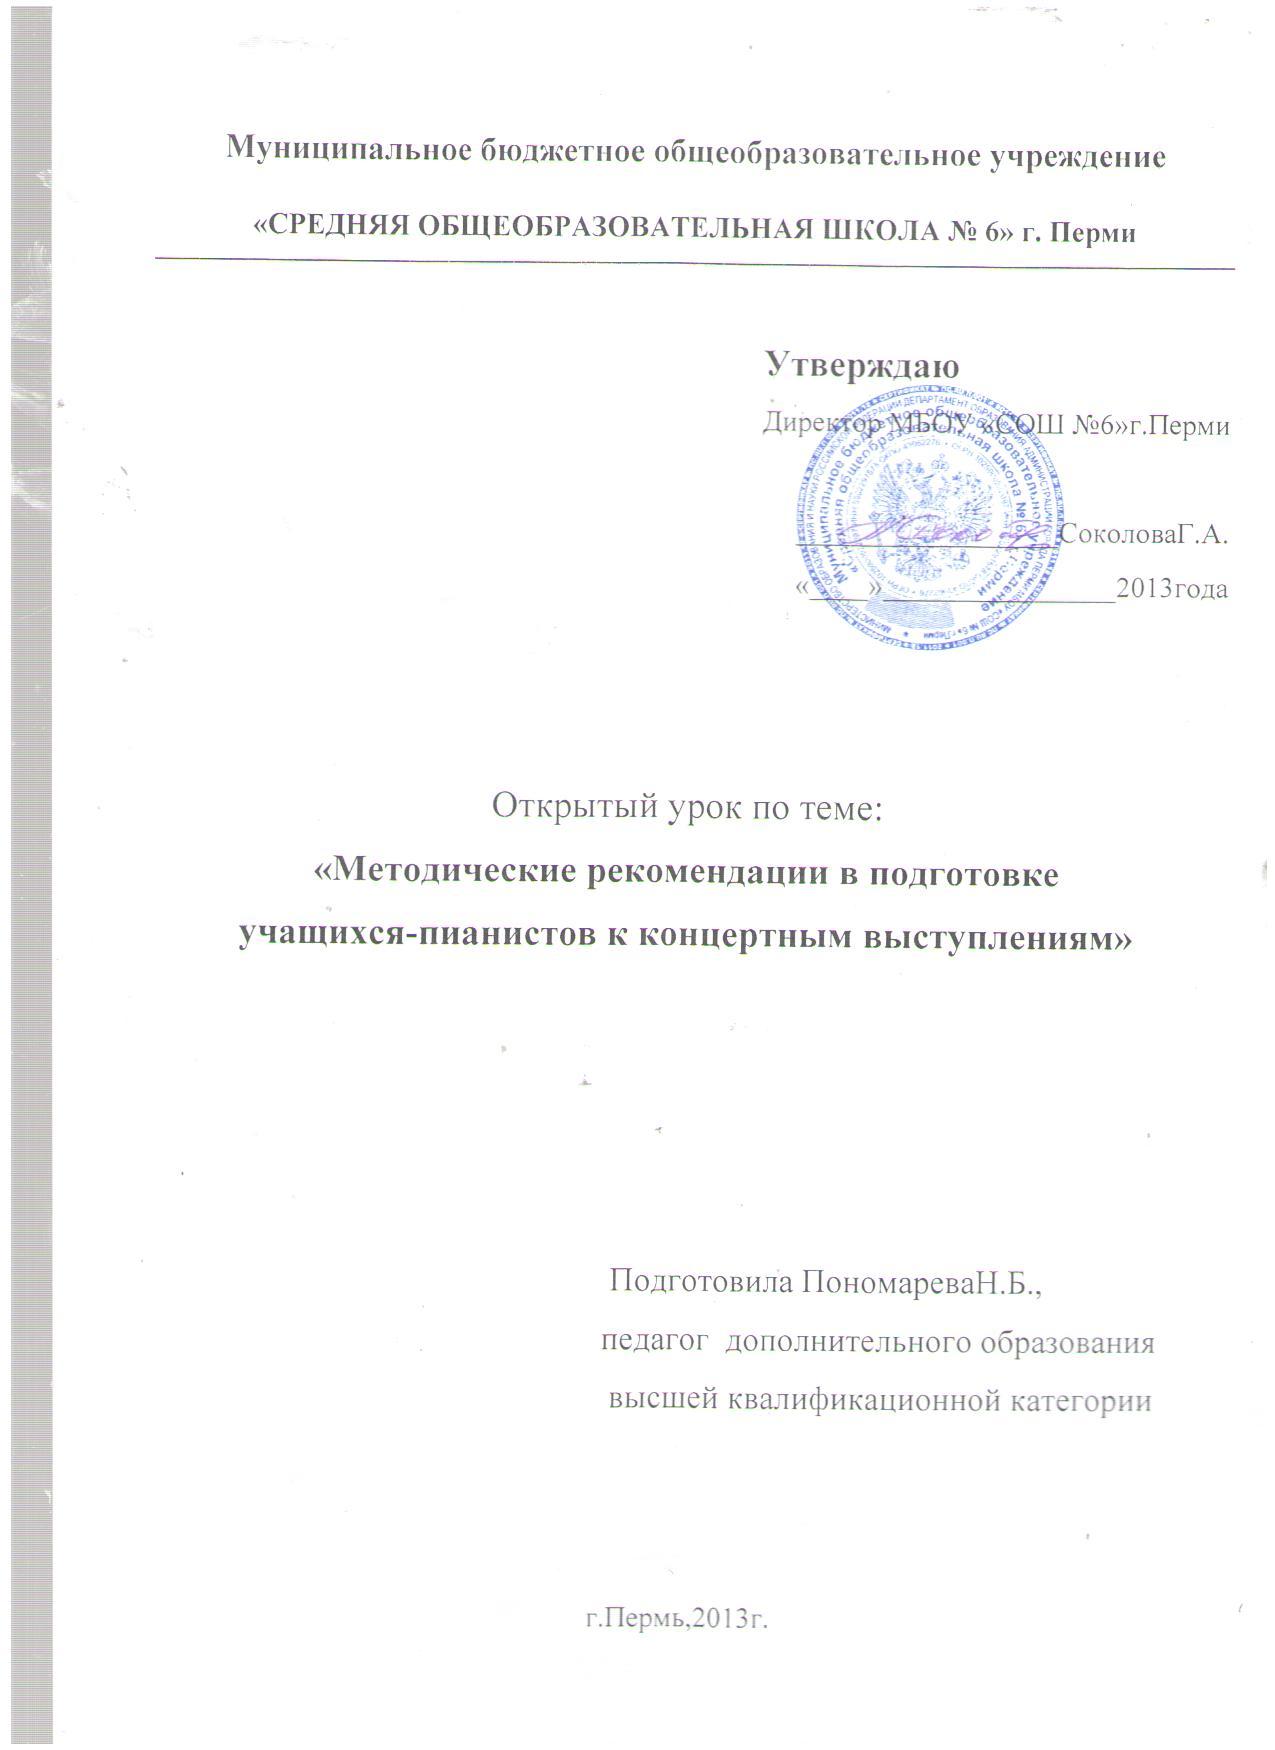 C:\Users\Нина\Desktop\Пономарева11\открытый урок3 009.jpg